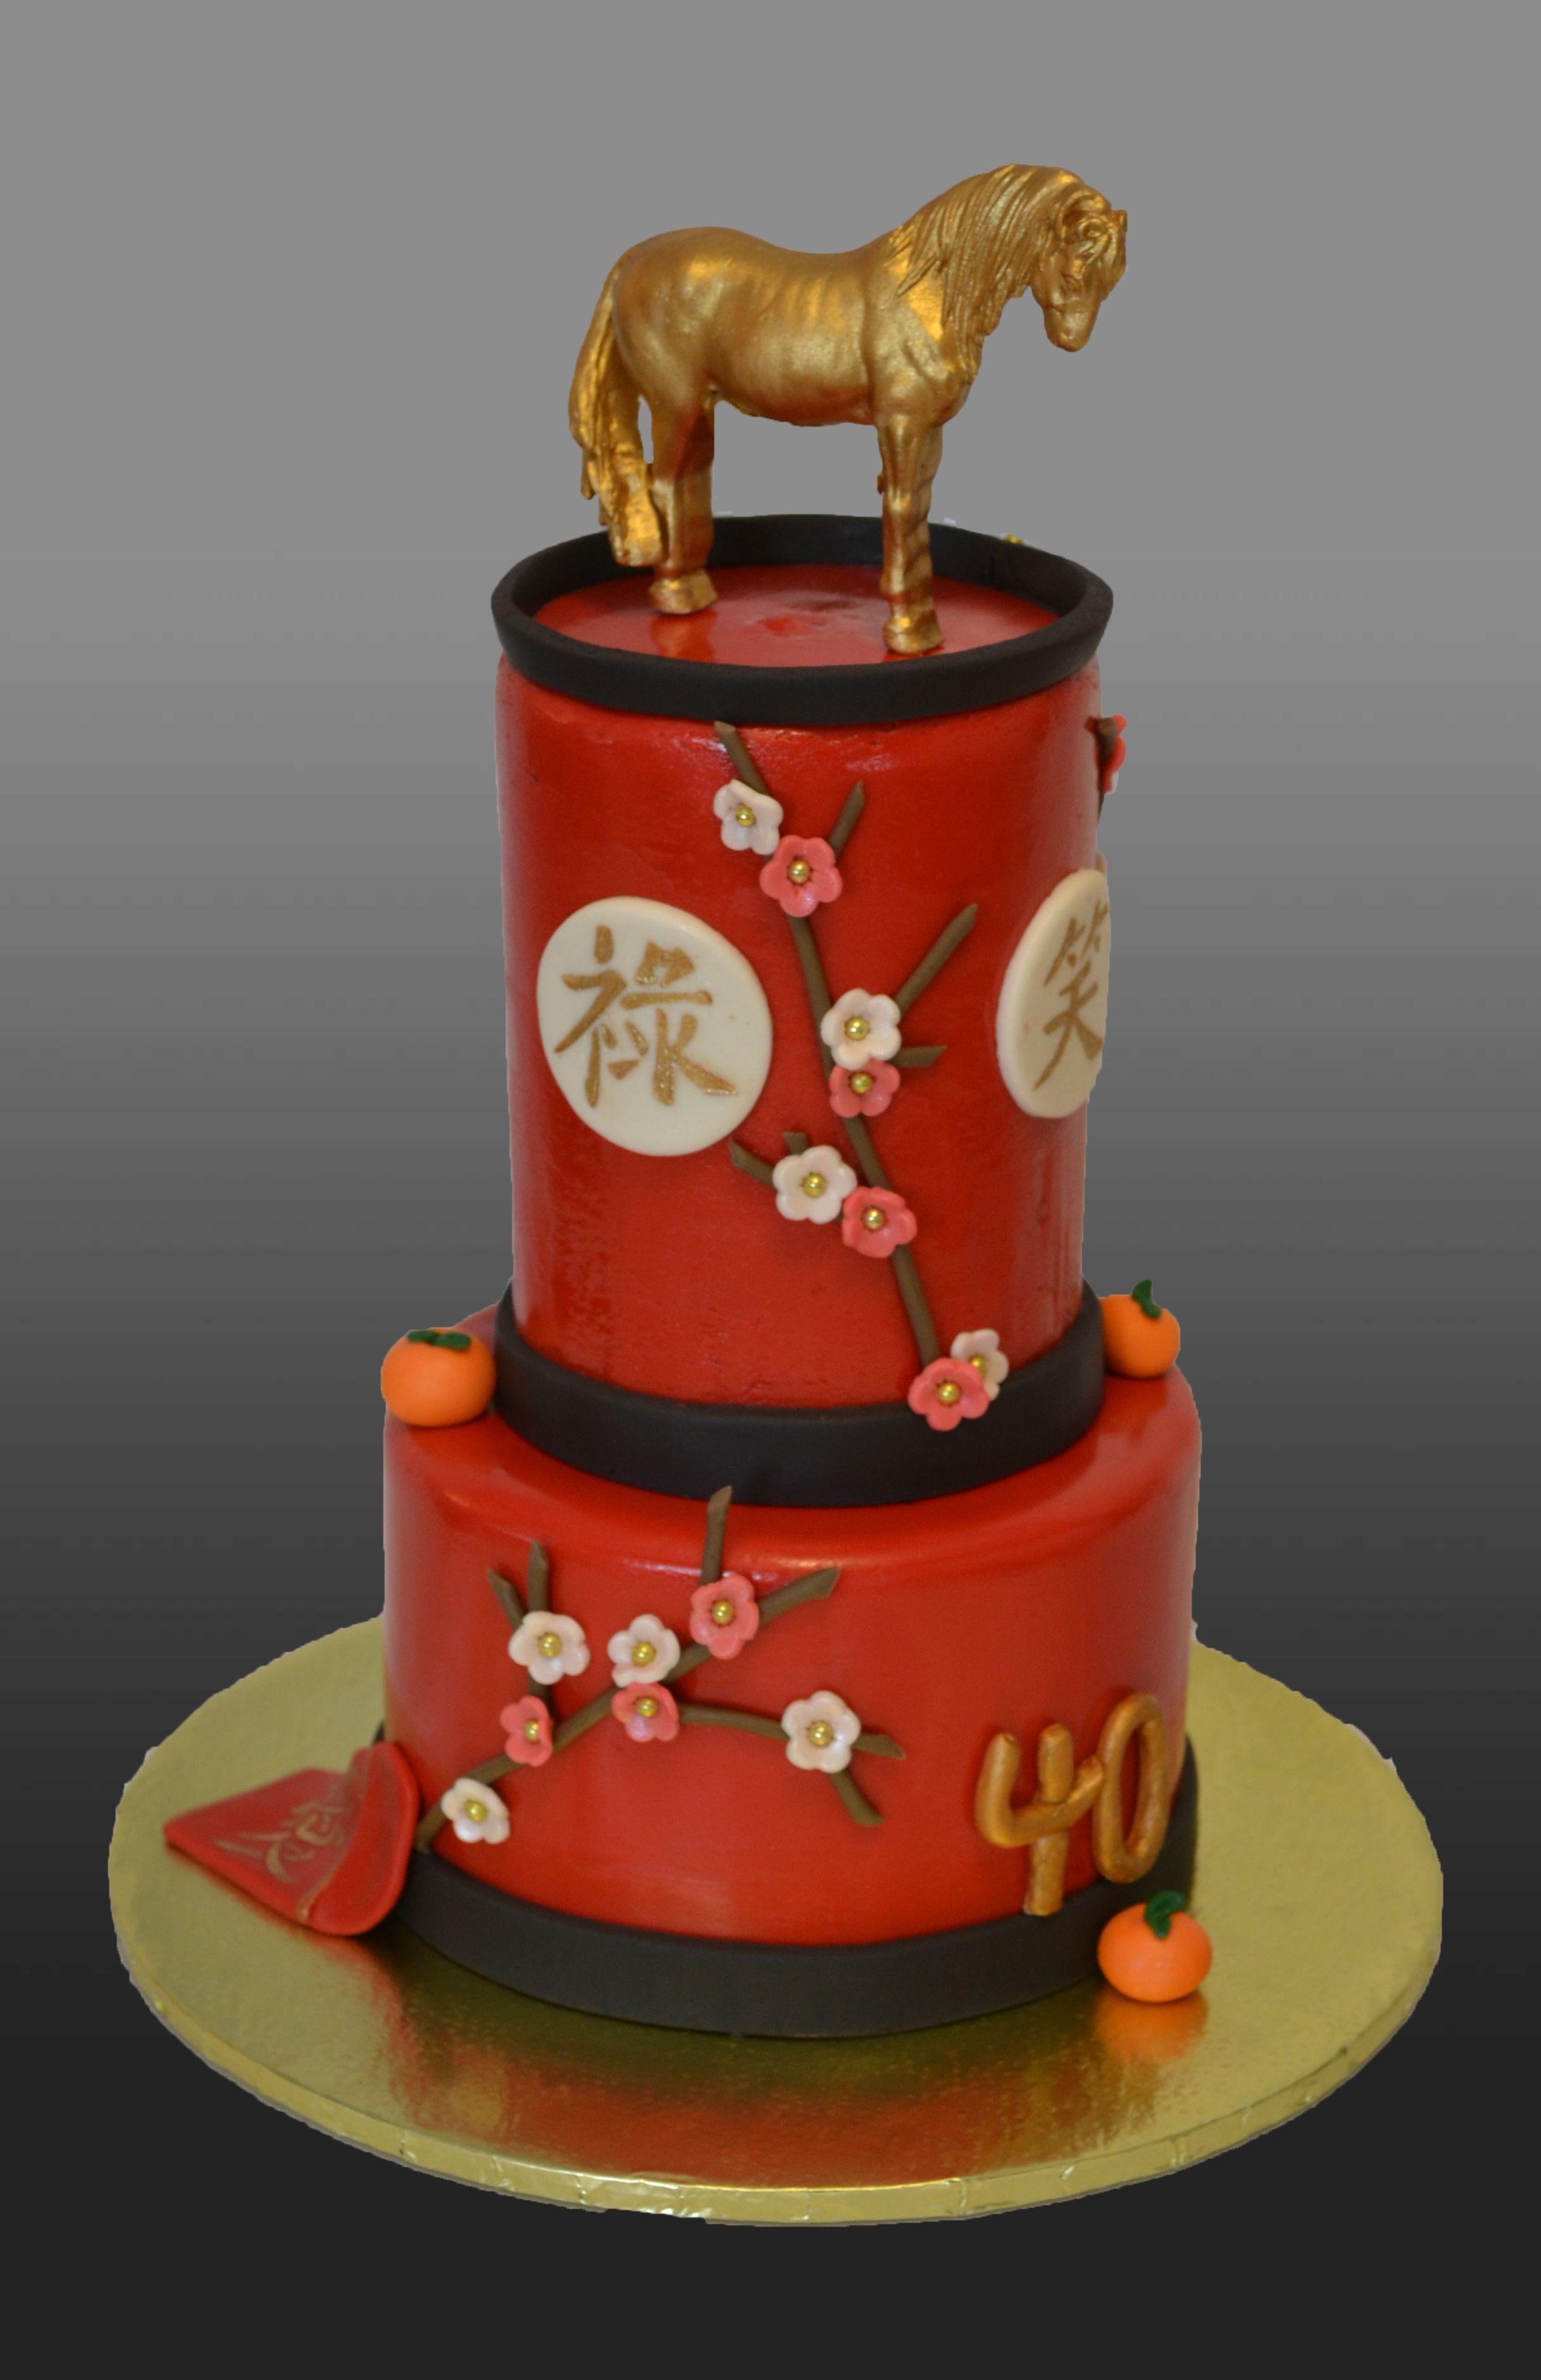 Chinese New Year Themed Cake Th Birthday Cake Cakes Liked By - Birthday cake chinese style